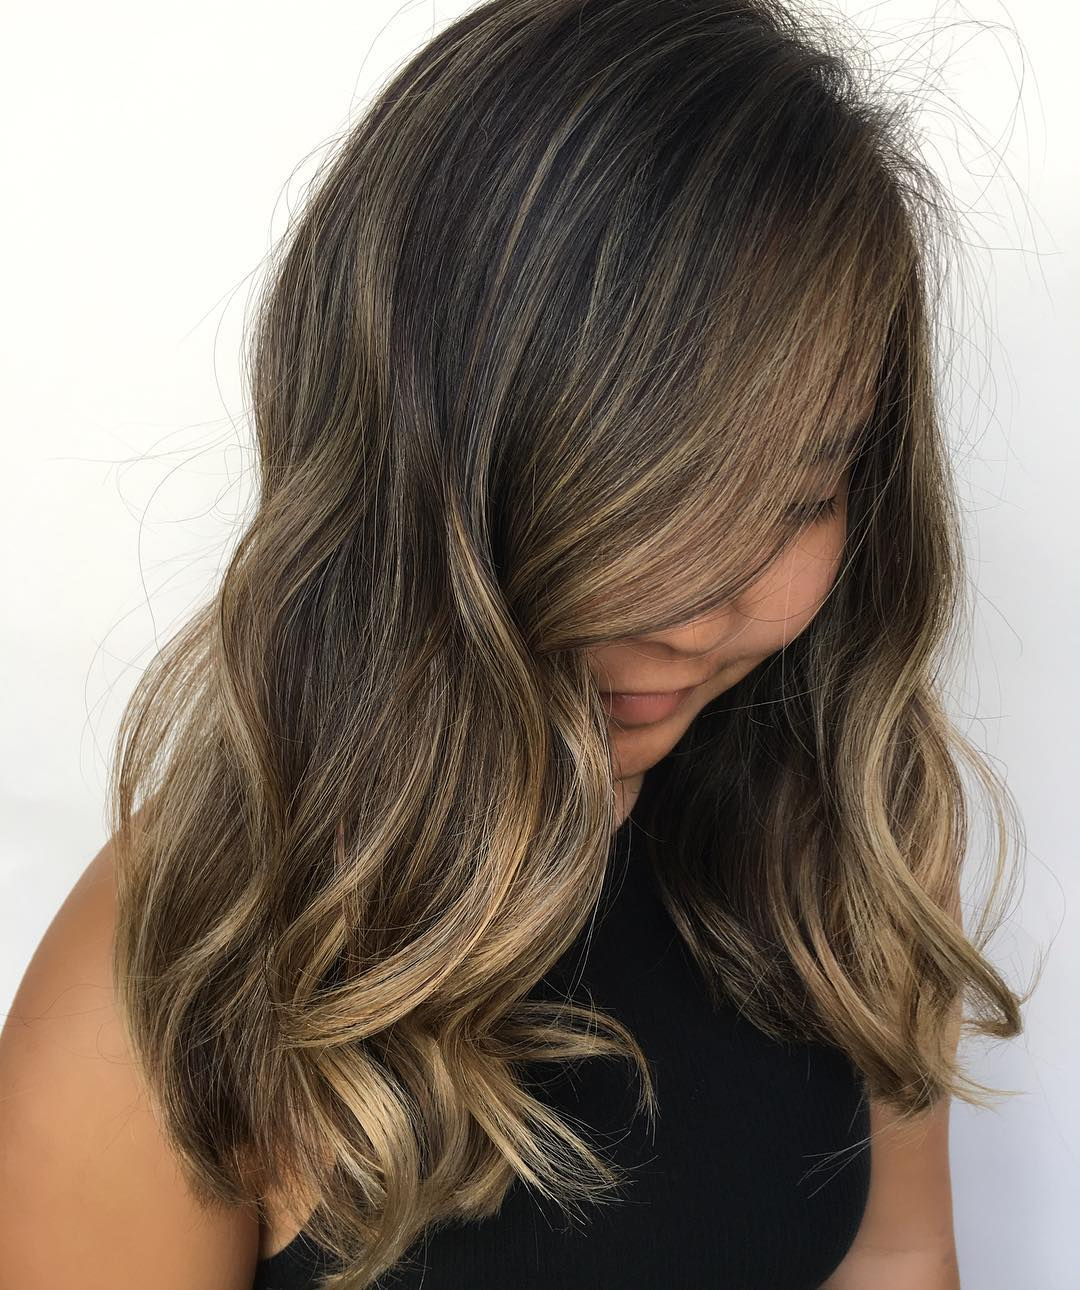 Svijetli pramenovi na smedjoj kosi (7)